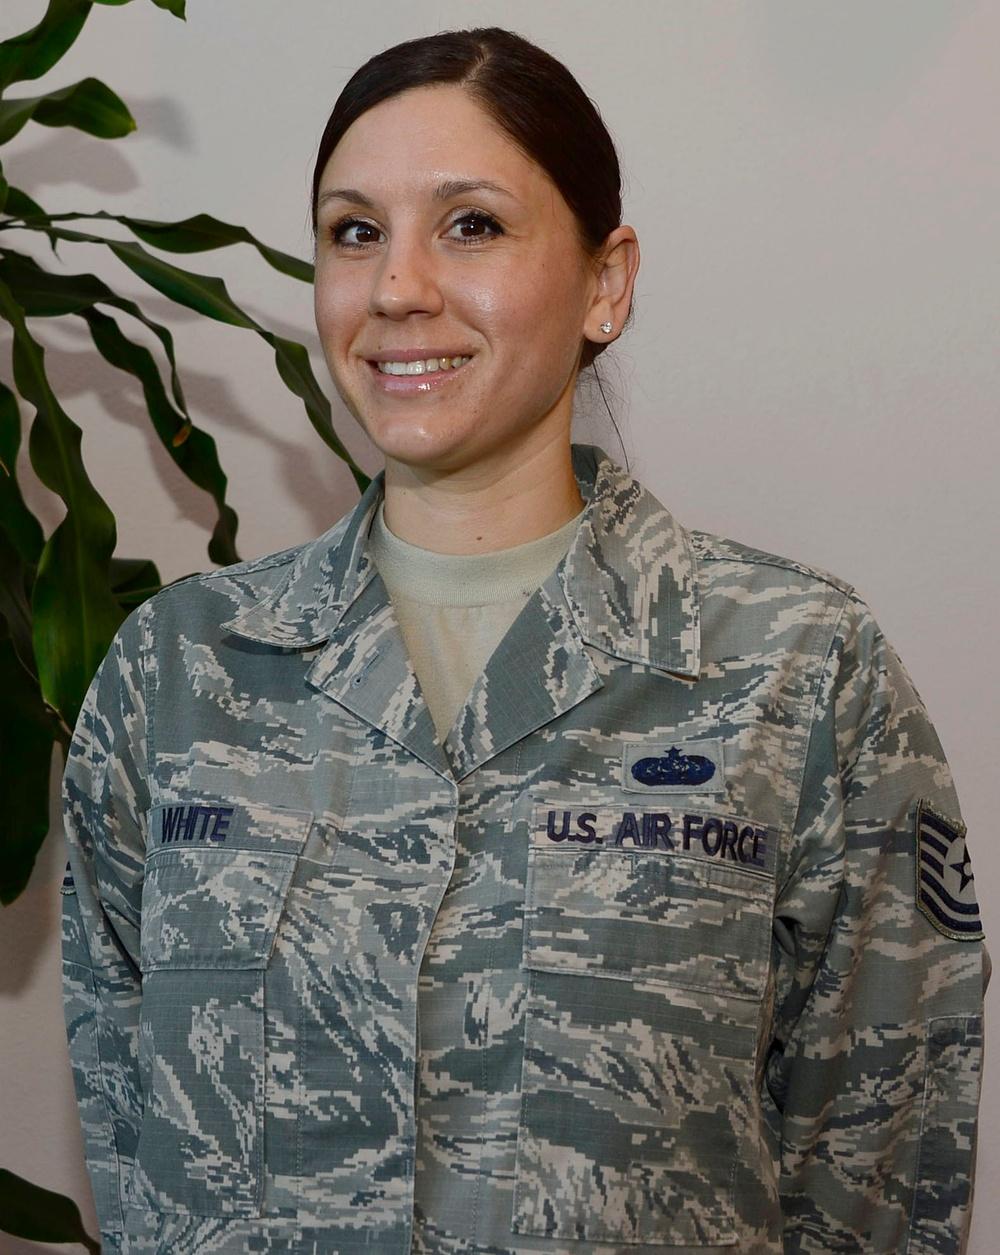 Warfighter of the Week: Tech. Sgt. Cassandra White